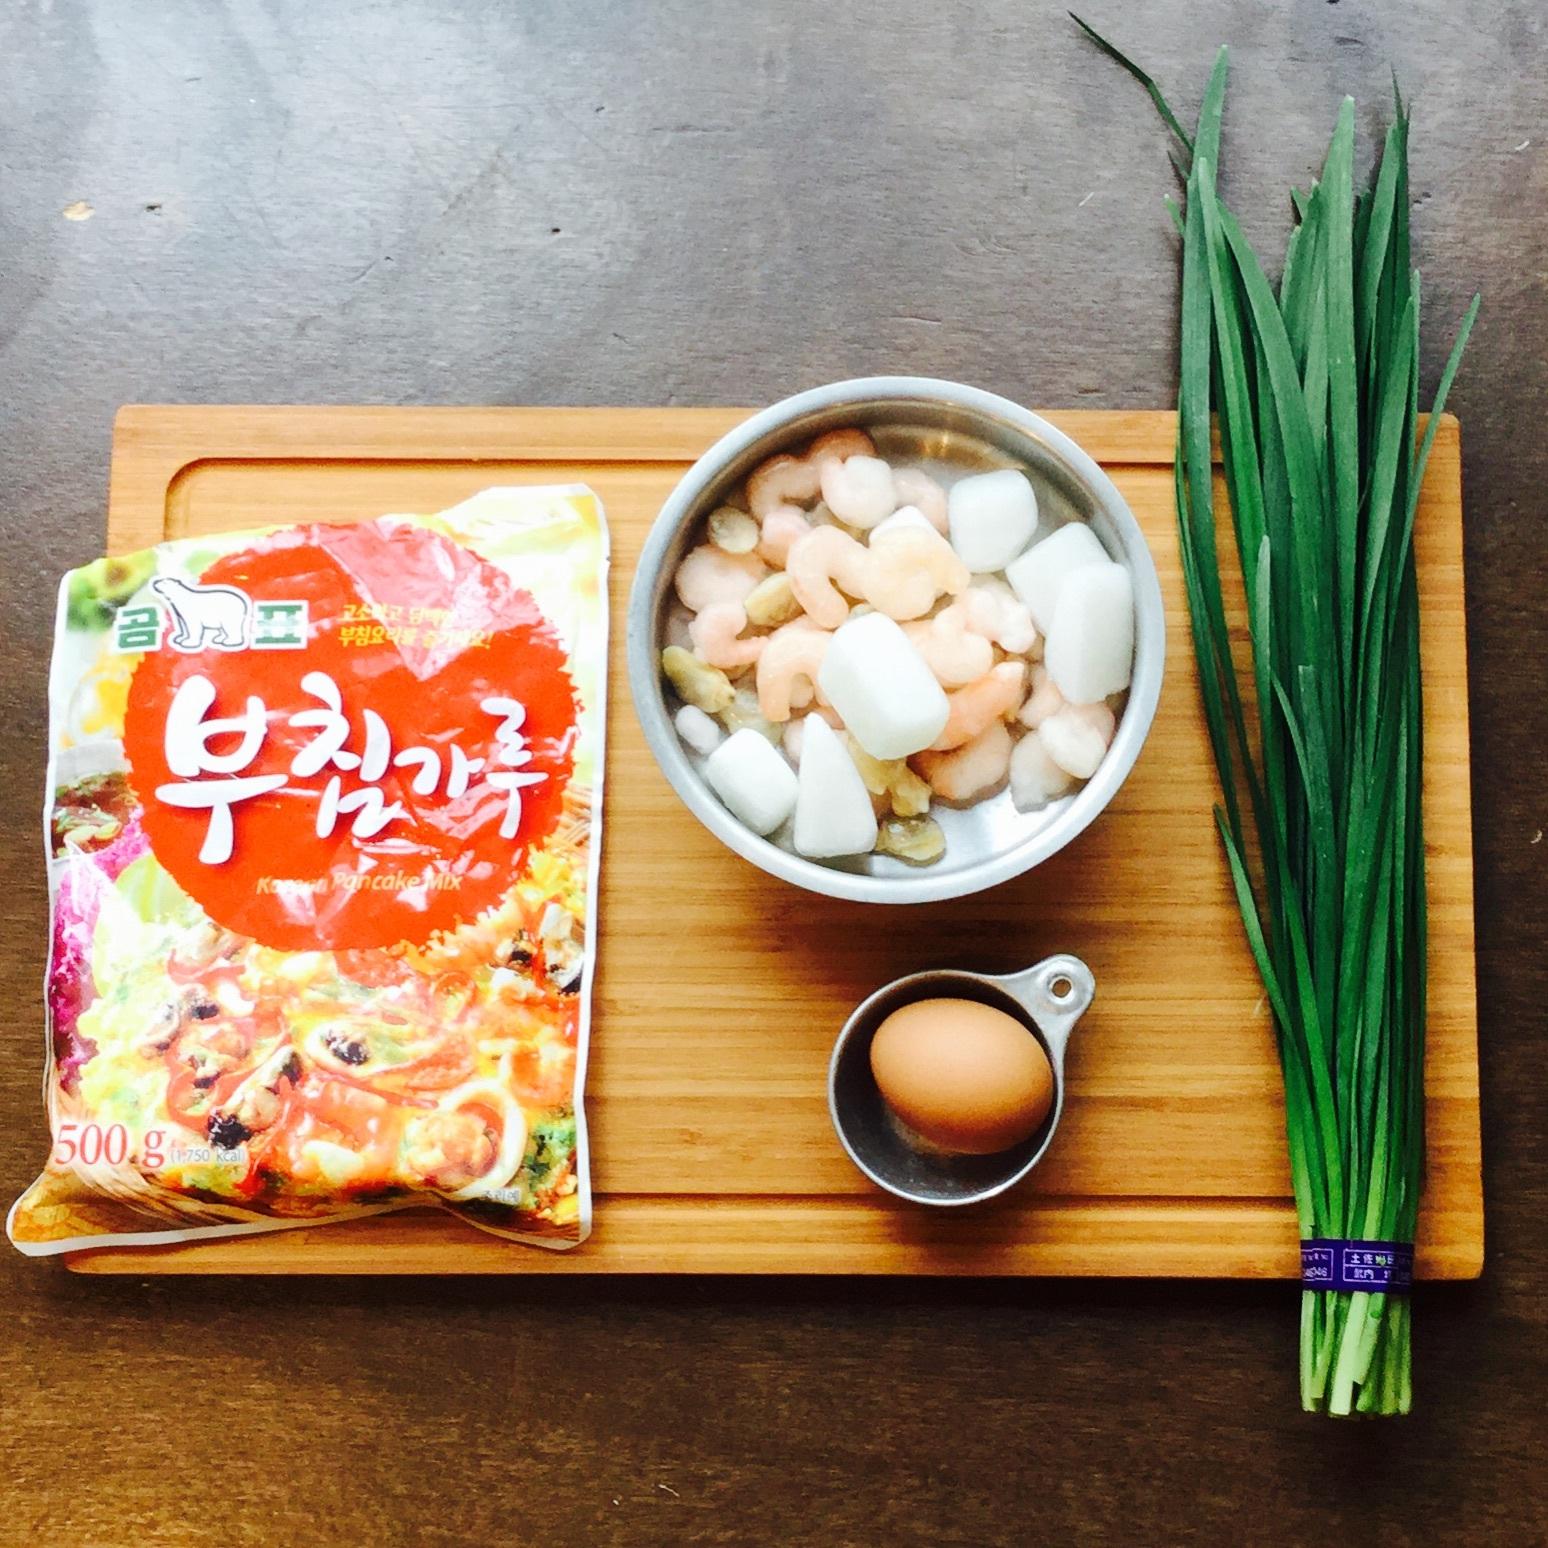 韓国料理人直伝!海鮮チヂミの作りかた